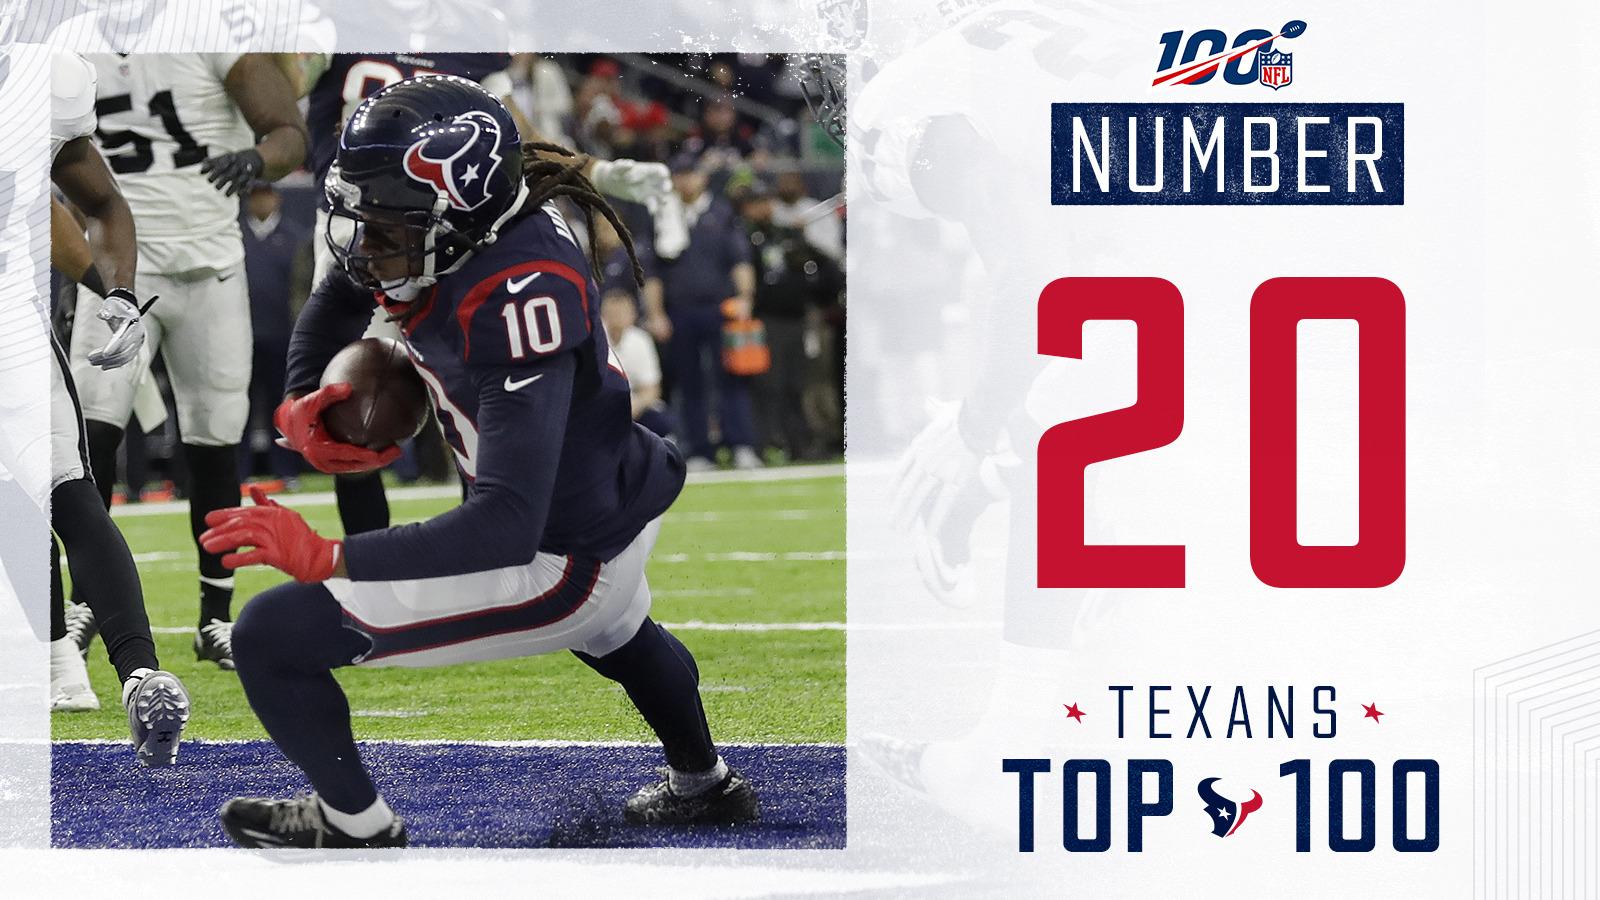 Texans Top 100 Houston Texans Houstontexans Com